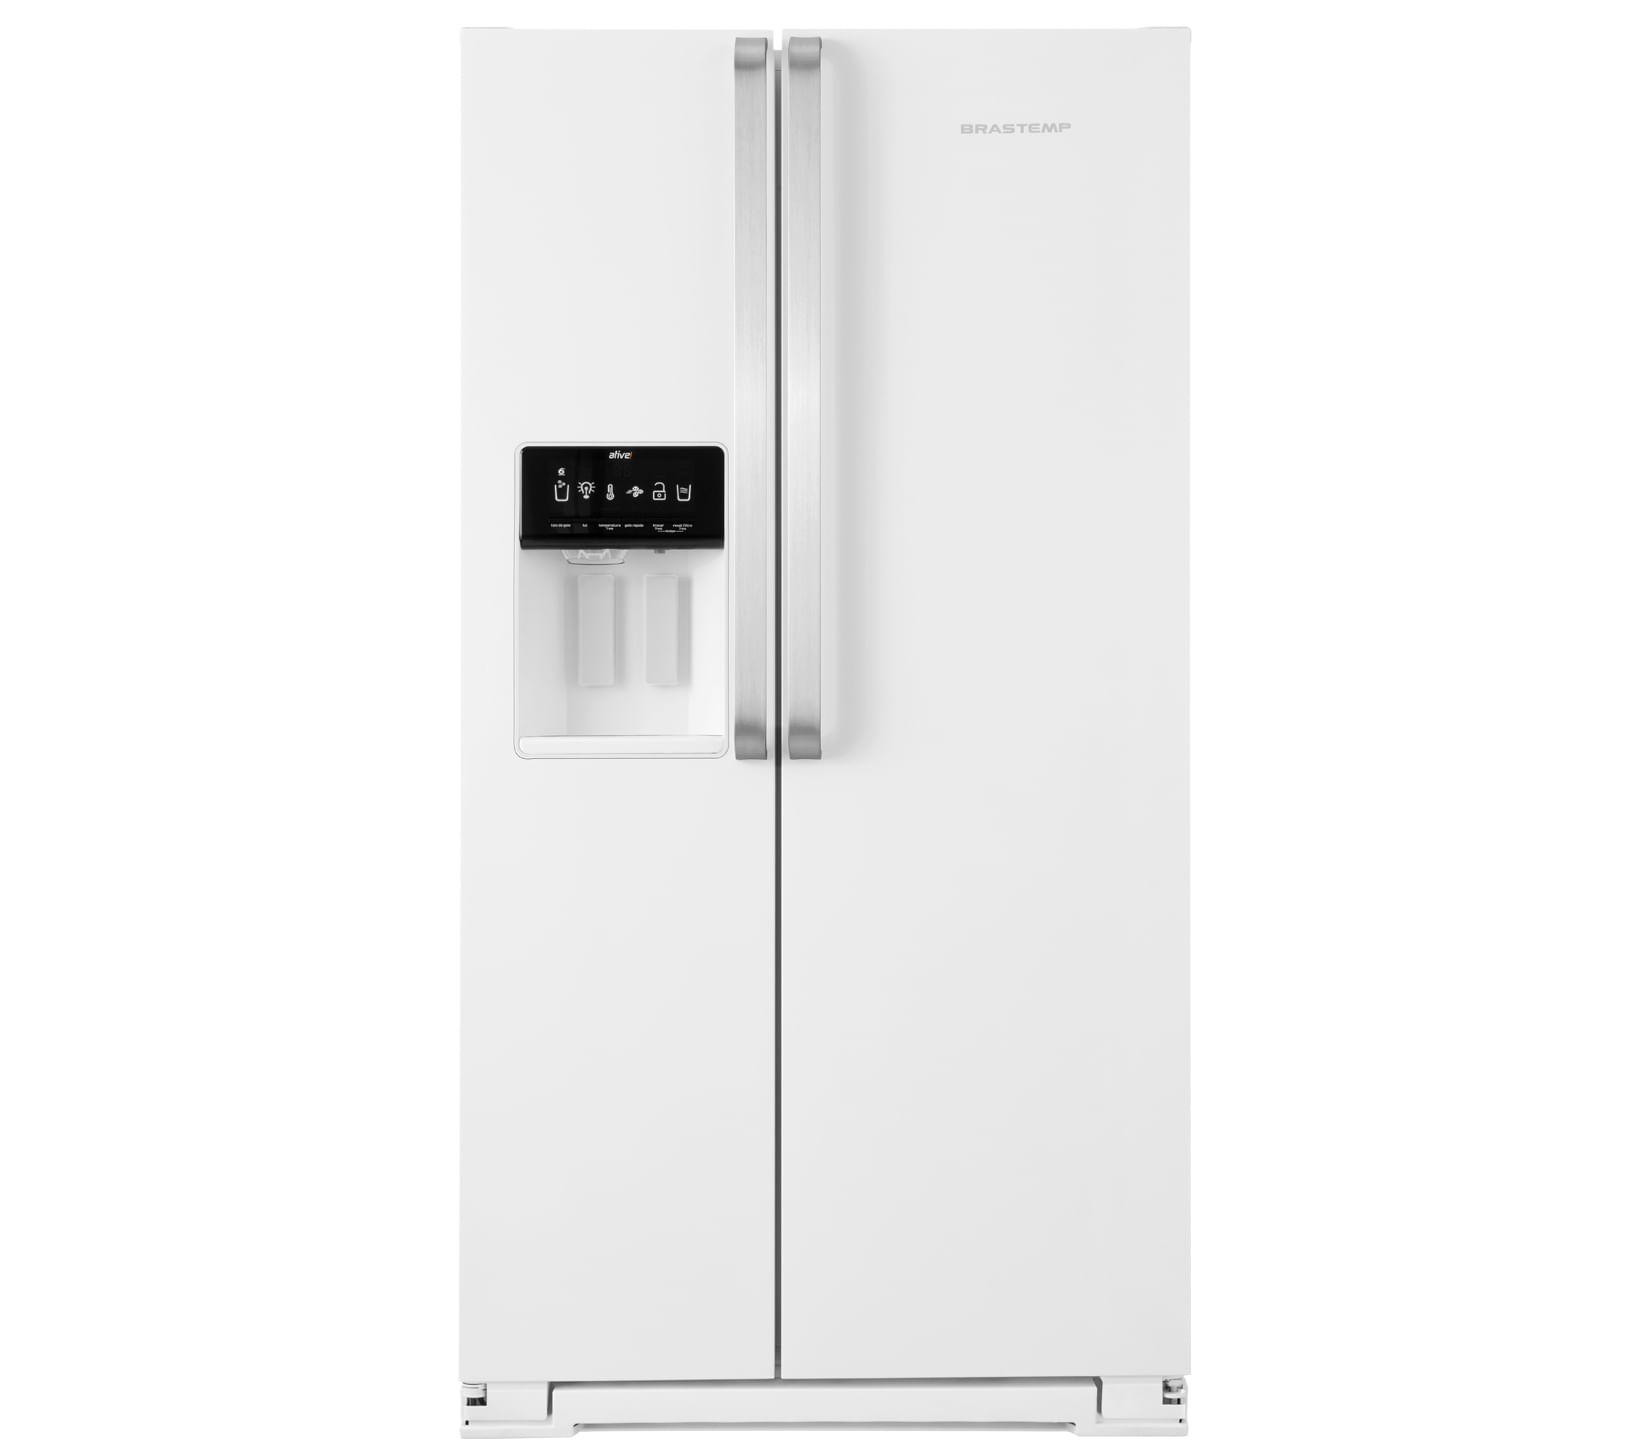 Geladeira Brastemp Frost Free Side by Side 560 litros Branca com Dispenser de Água e Gelo